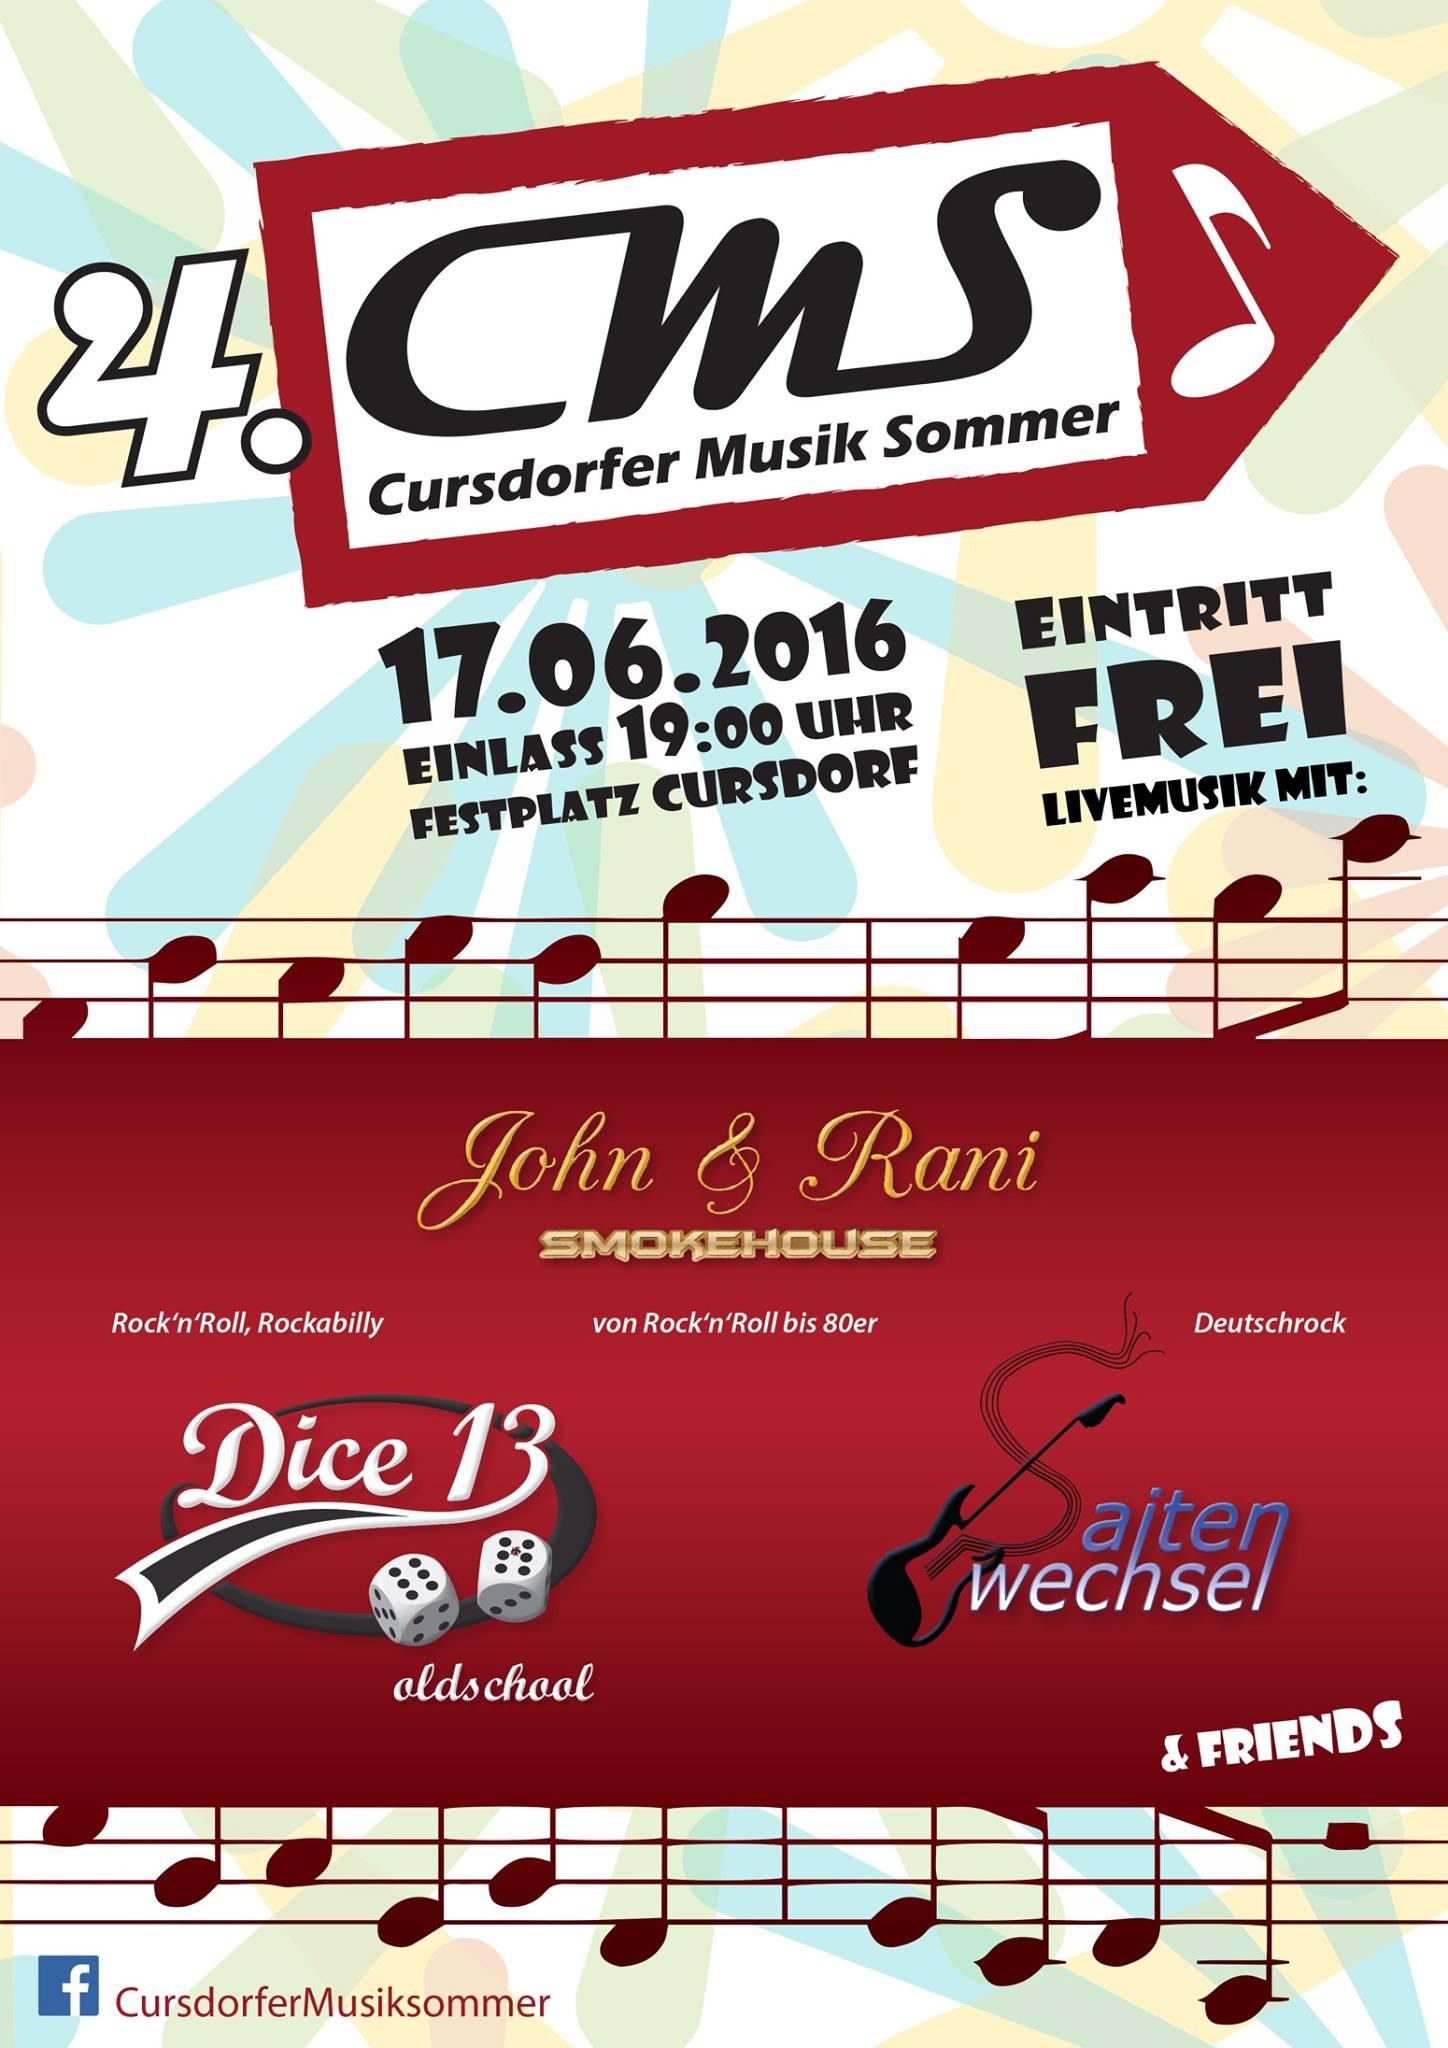 Cursdorfer Musik Sommer